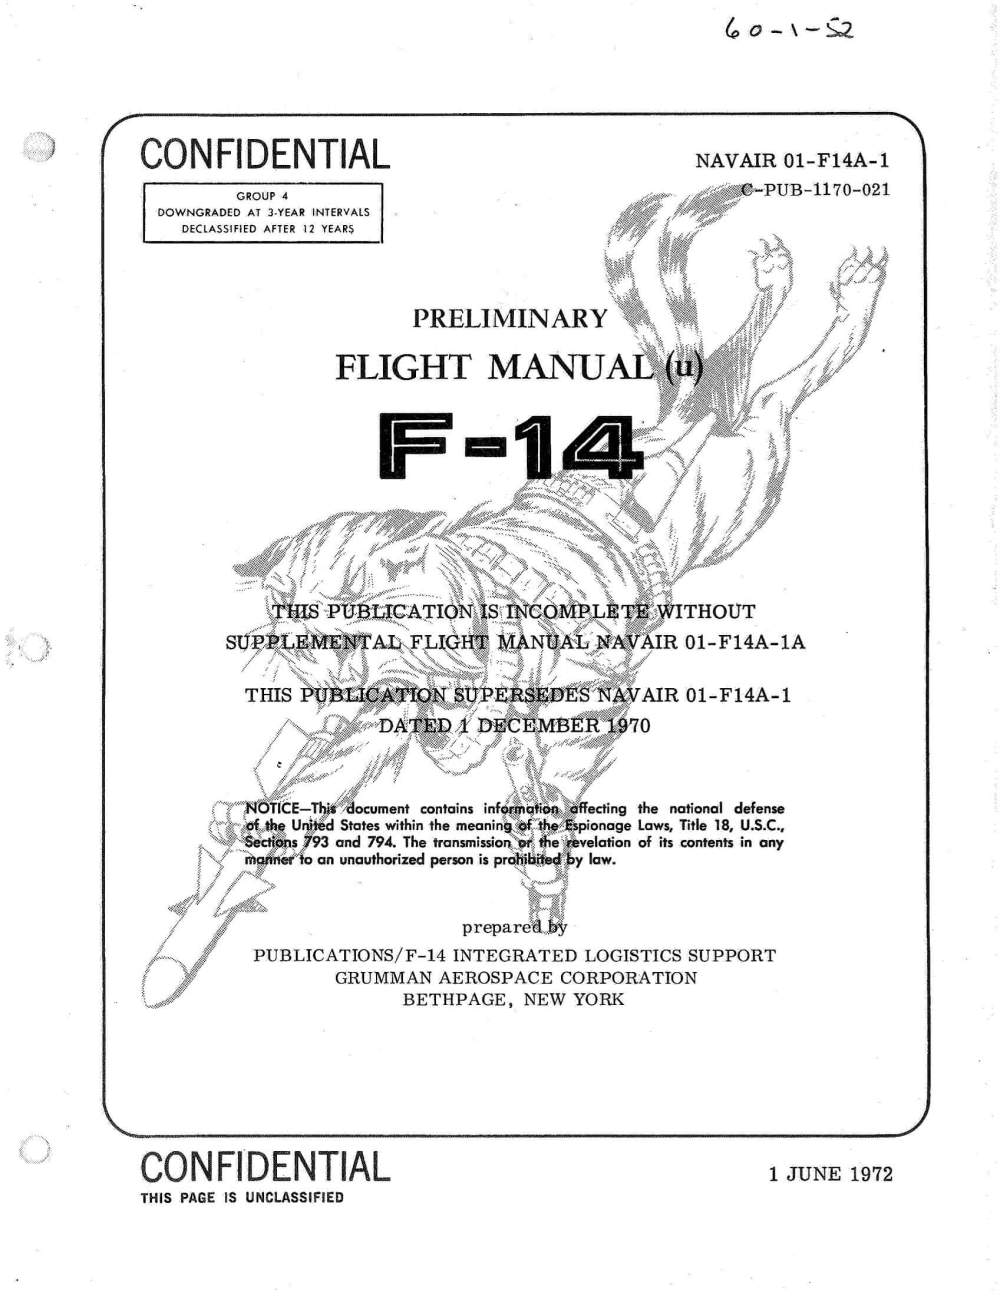 medium resolution of flight manual for the grumman f 14 tomcat